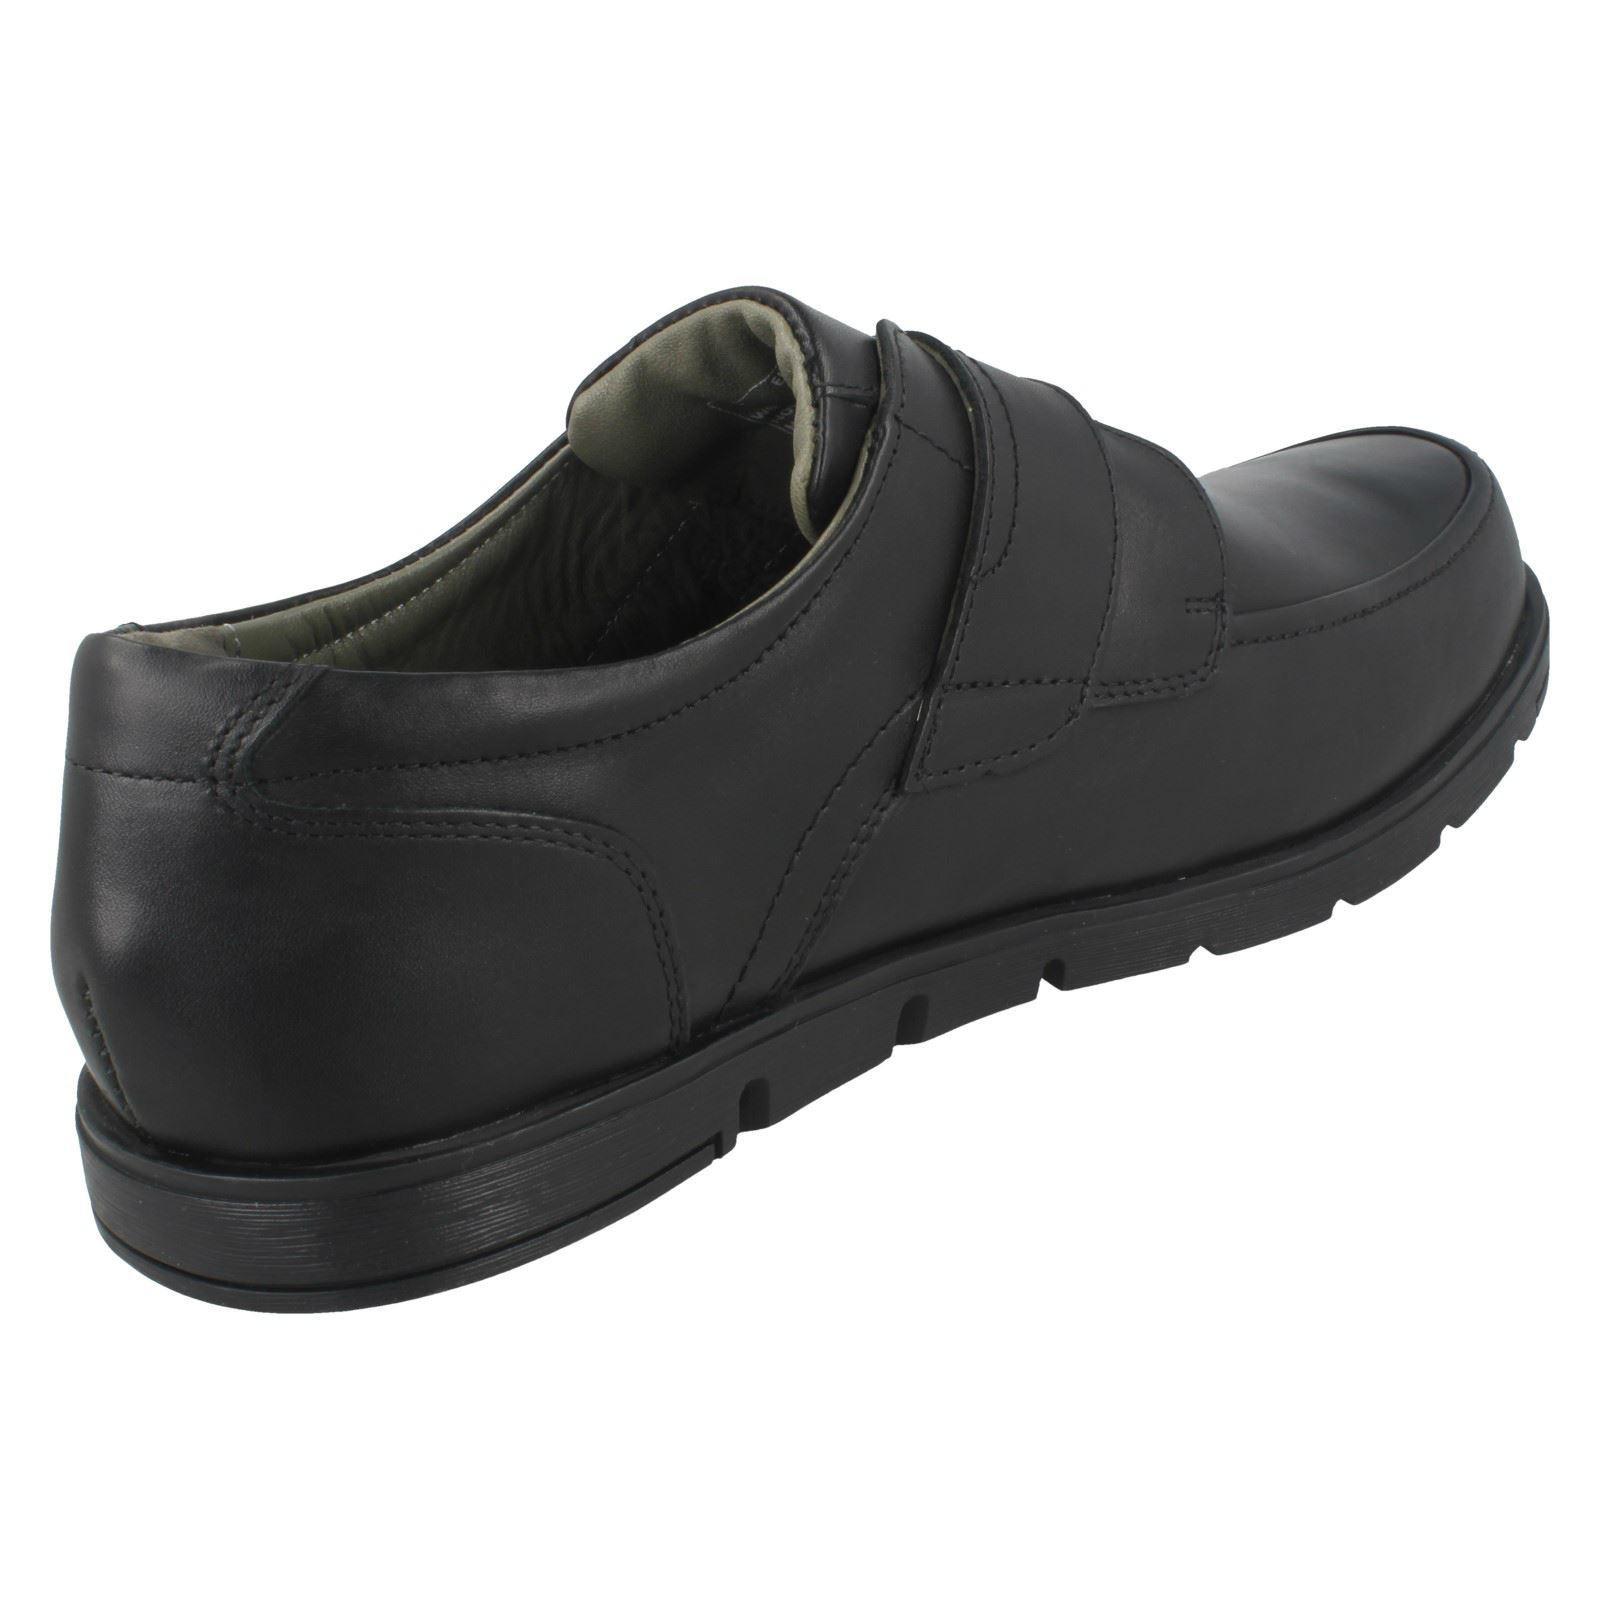 Mens Hush Puppies Nova Formal Shoes